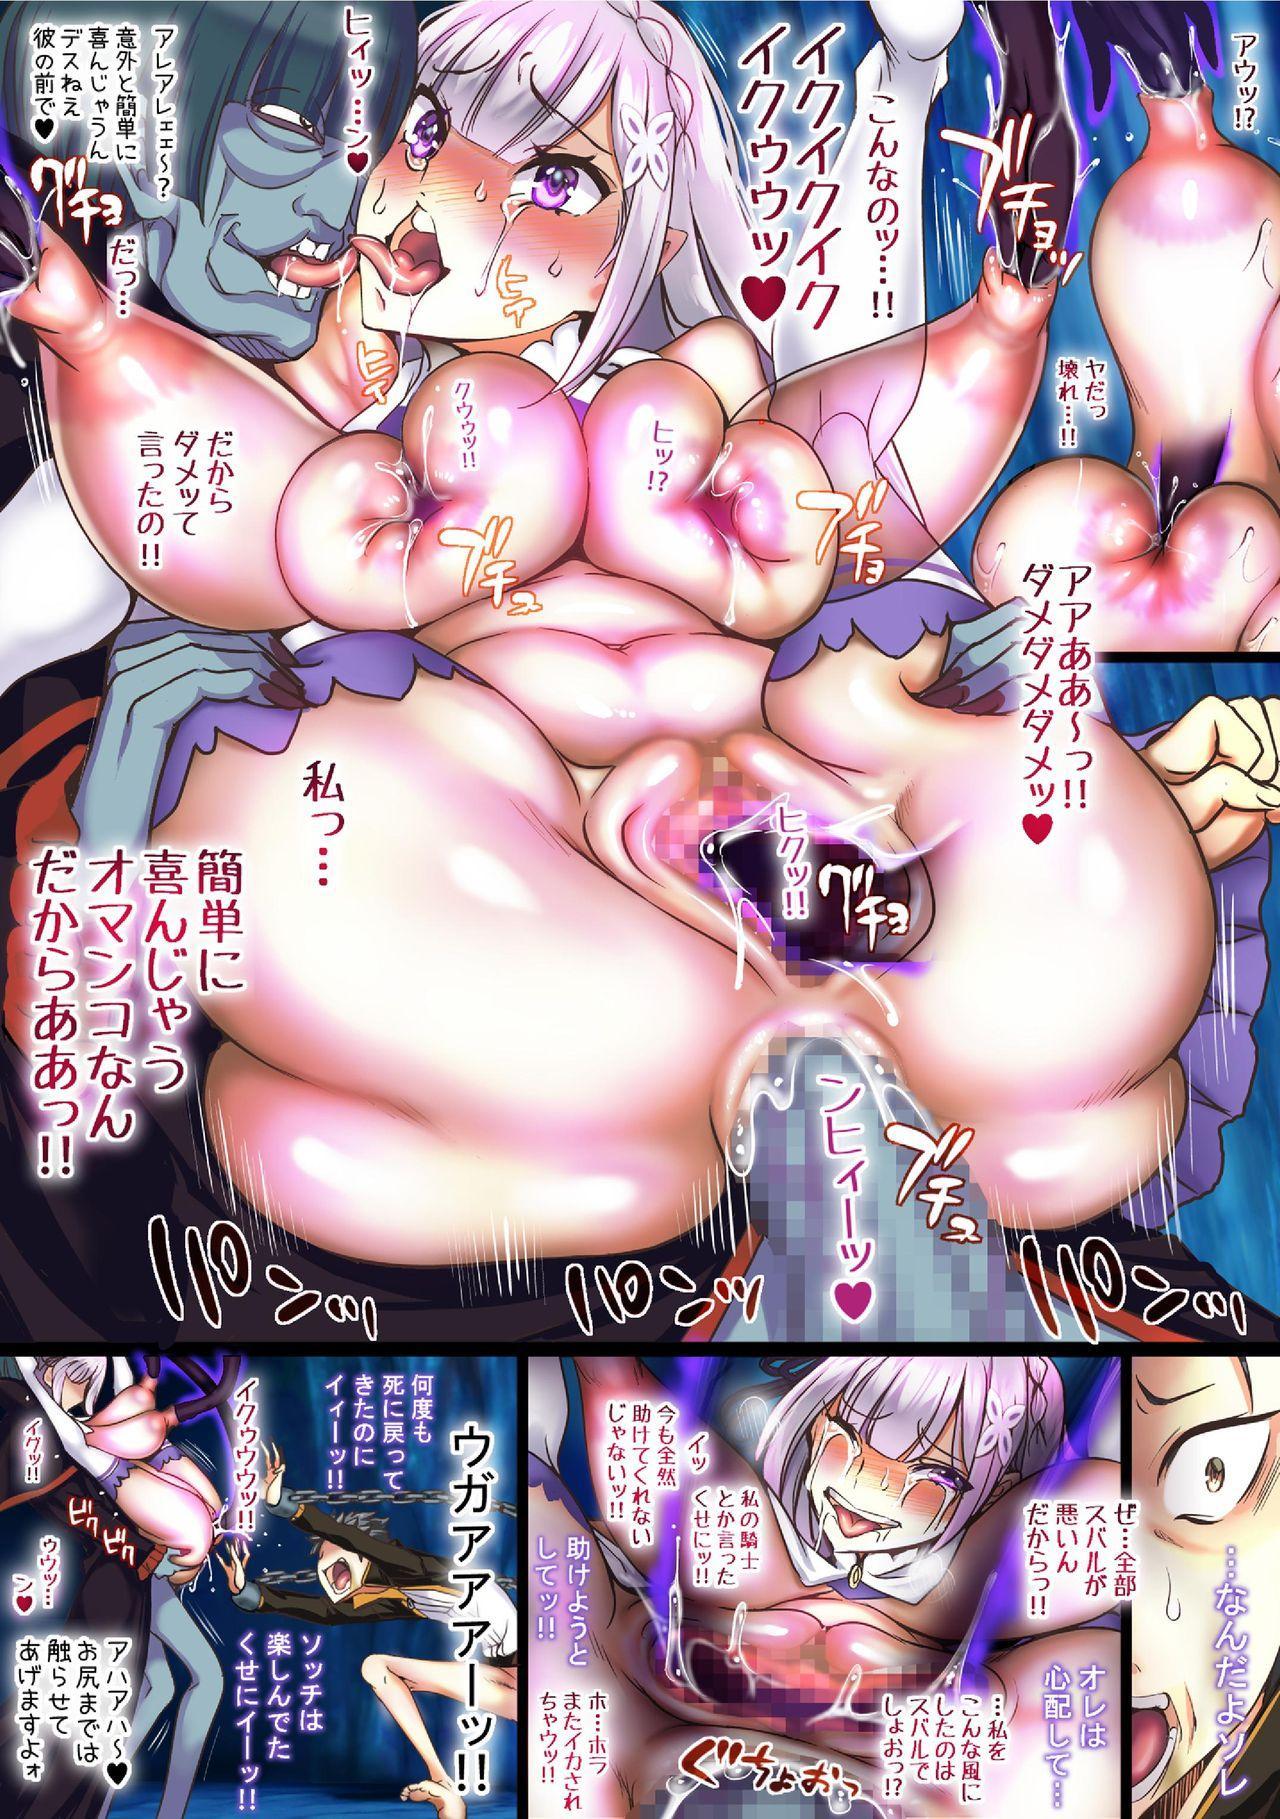 Re:Zero nara Mou Kirawarete mo Hameochi Suru made Rape 2 42